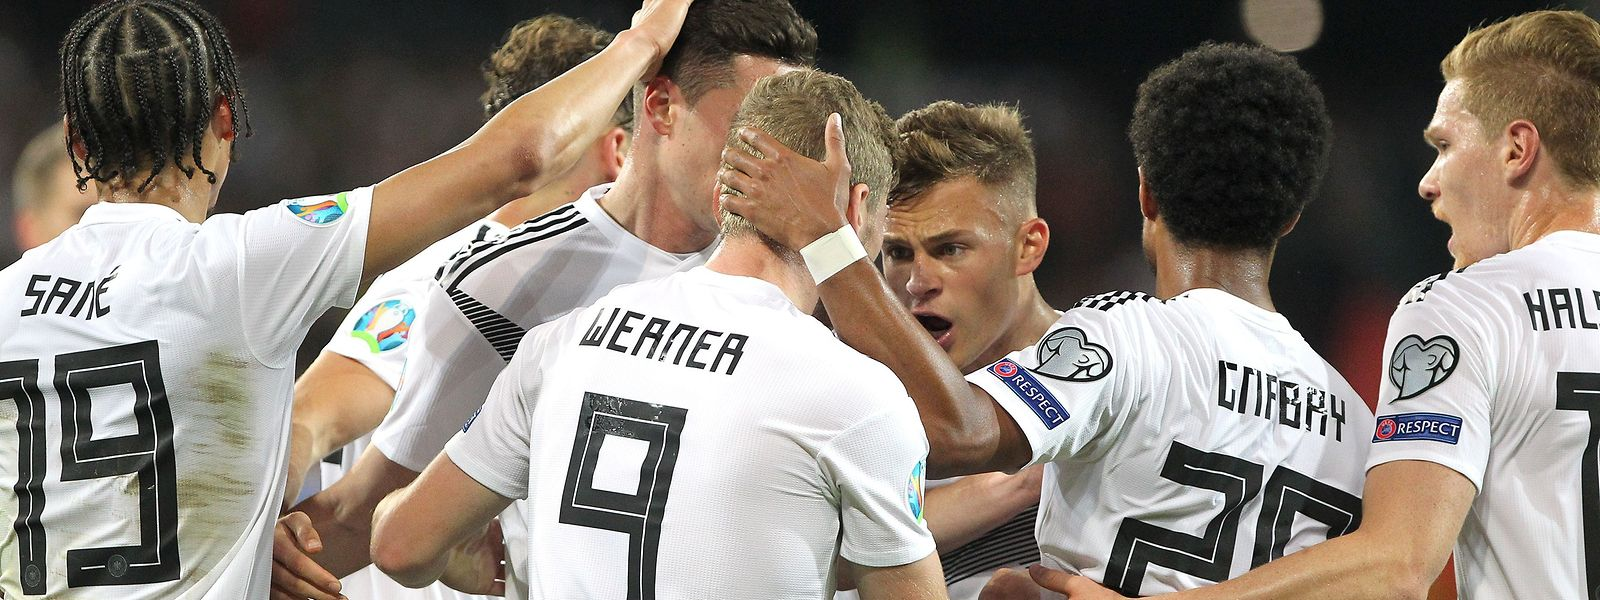 Timo Werner et la Mannschaft ont corrigé l'Estonie 8-0.